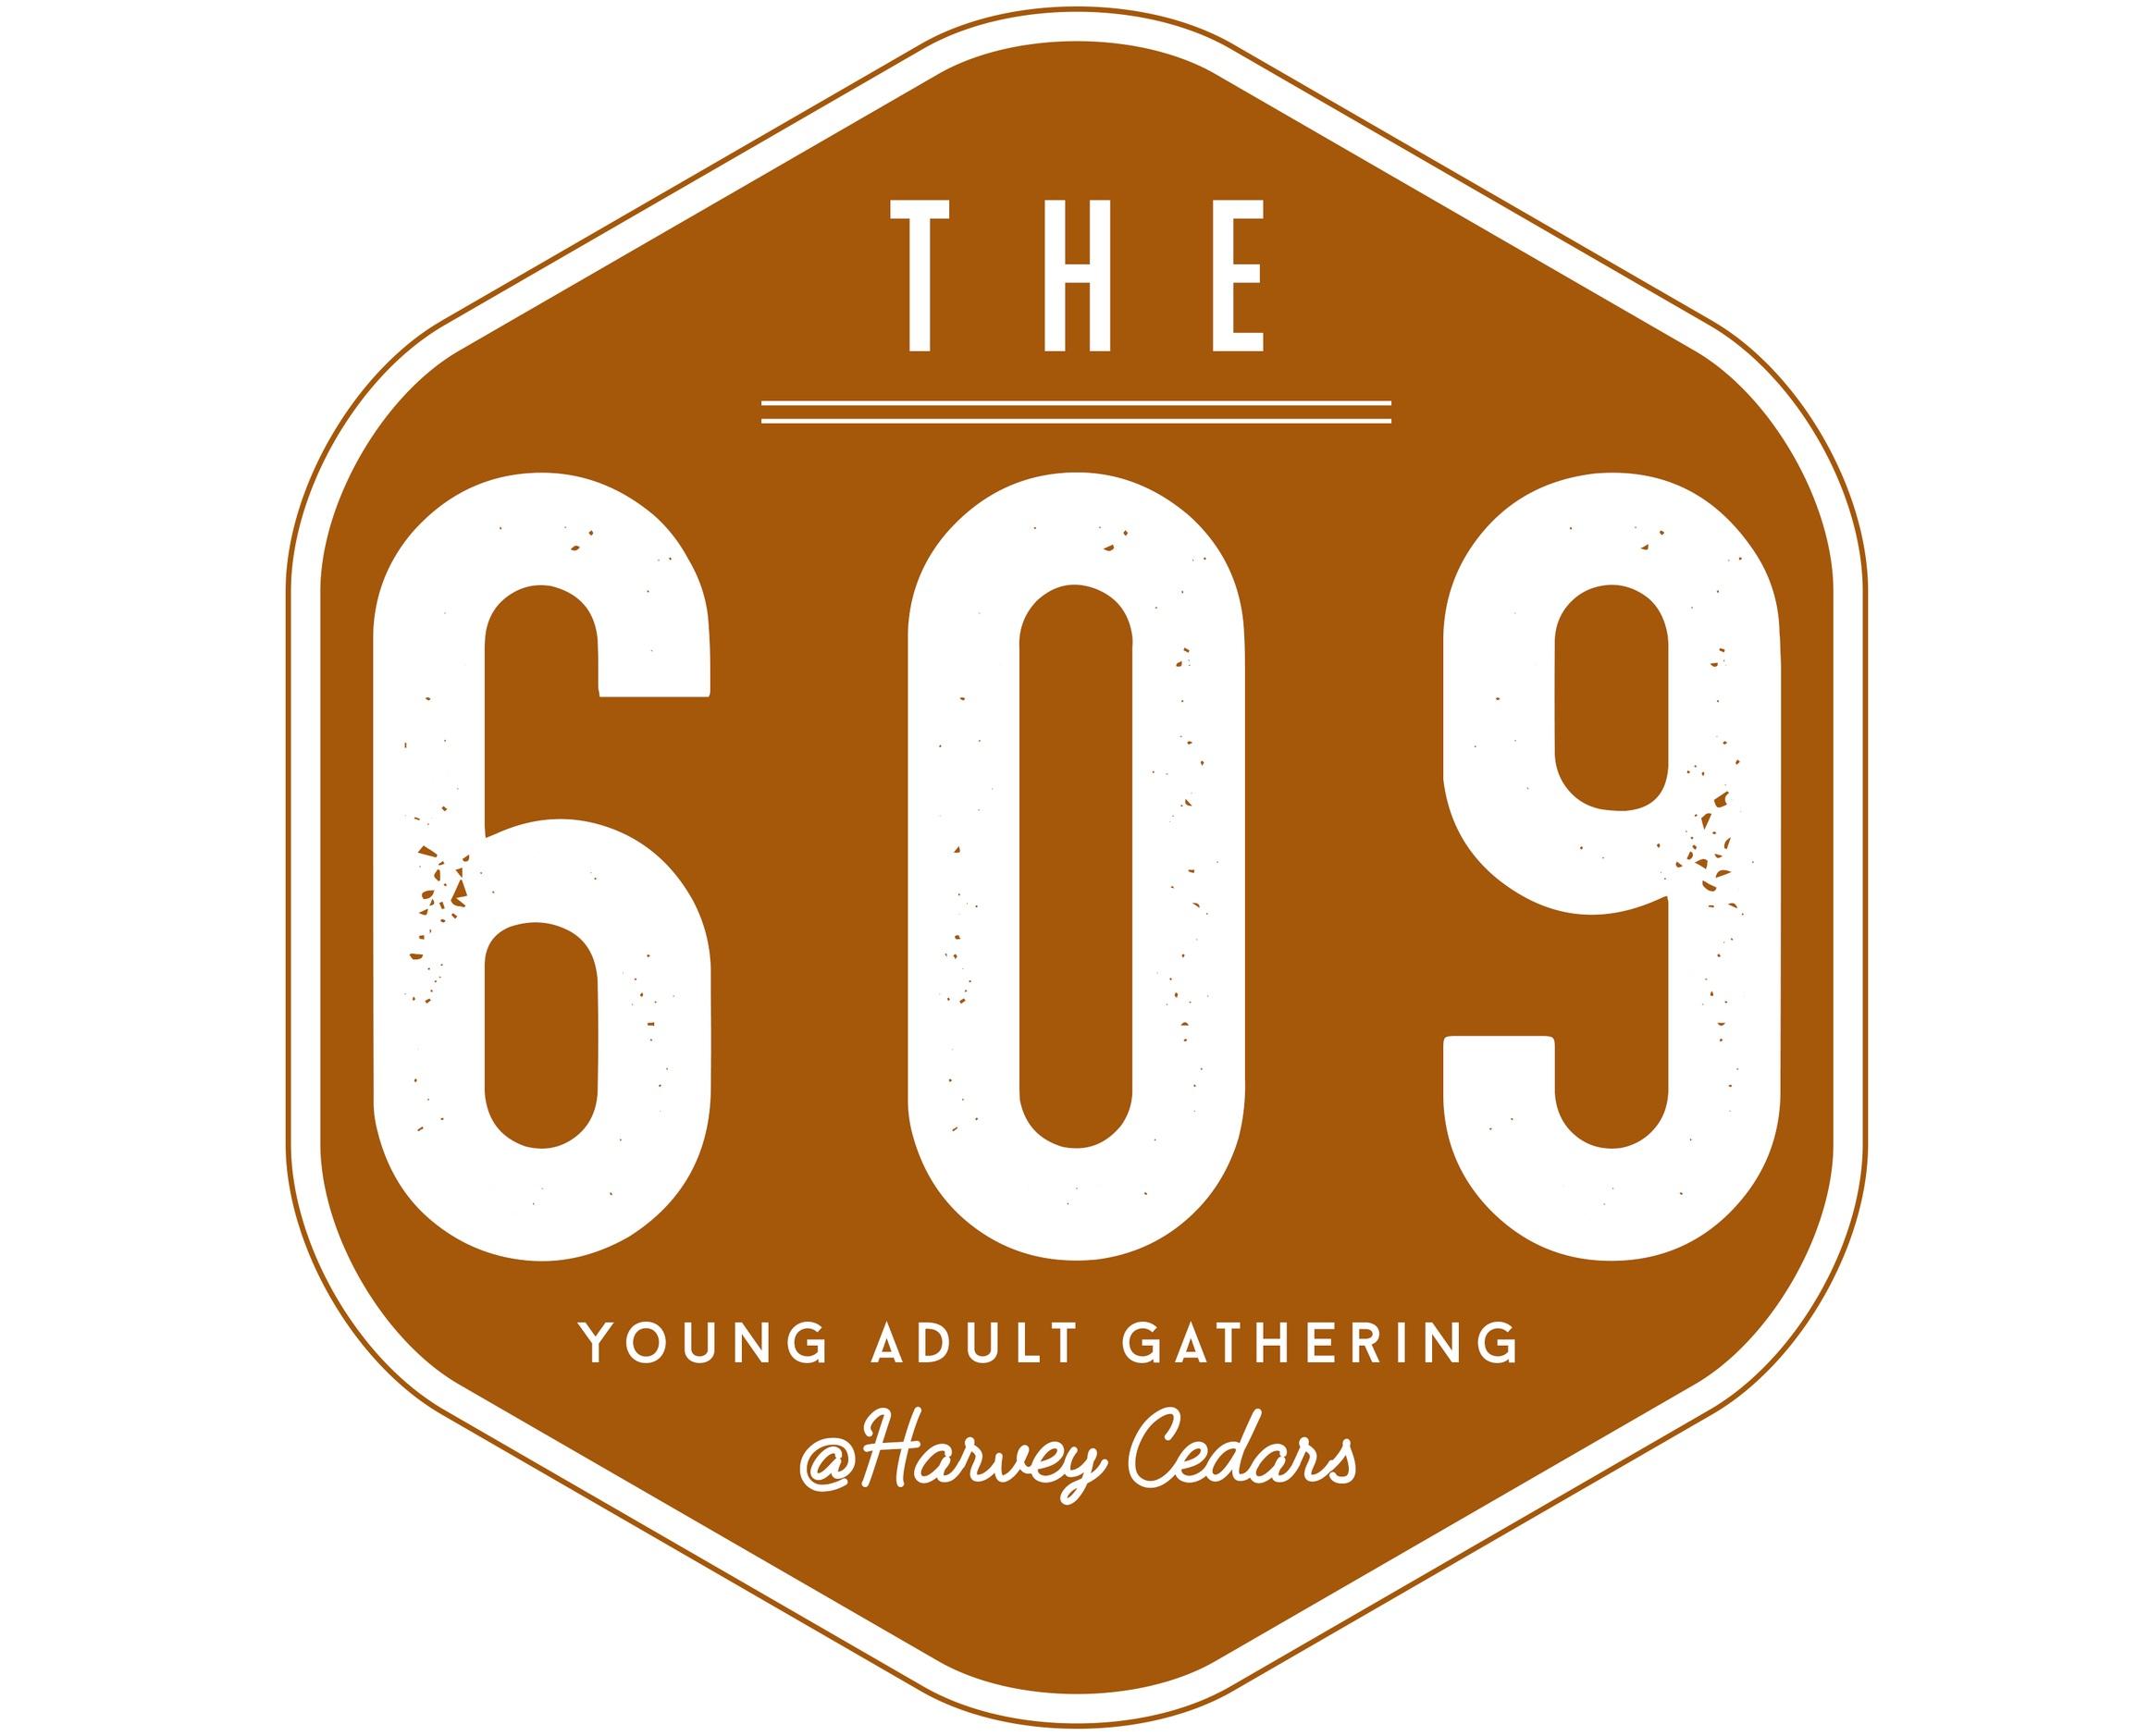 609-logo-concept-2-color.jpg